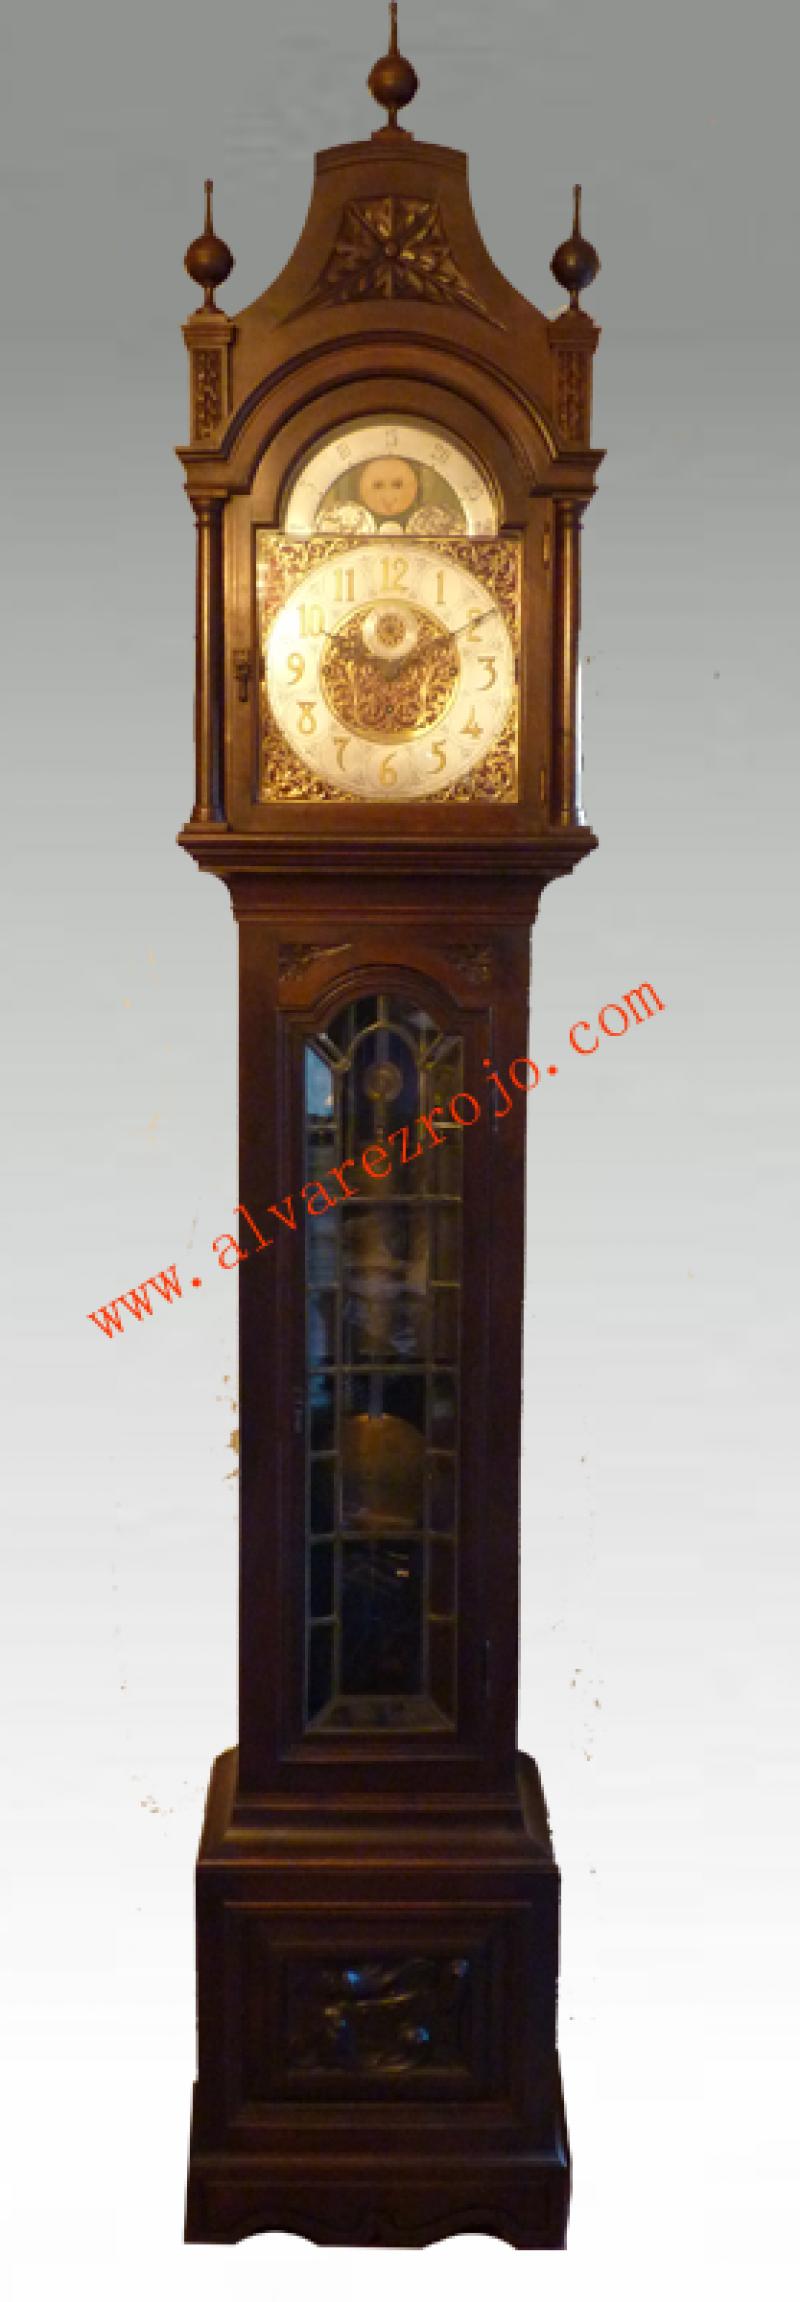 Reloj de pie aleman carill n hwn en relojes de sal n - Reloj para salon ...